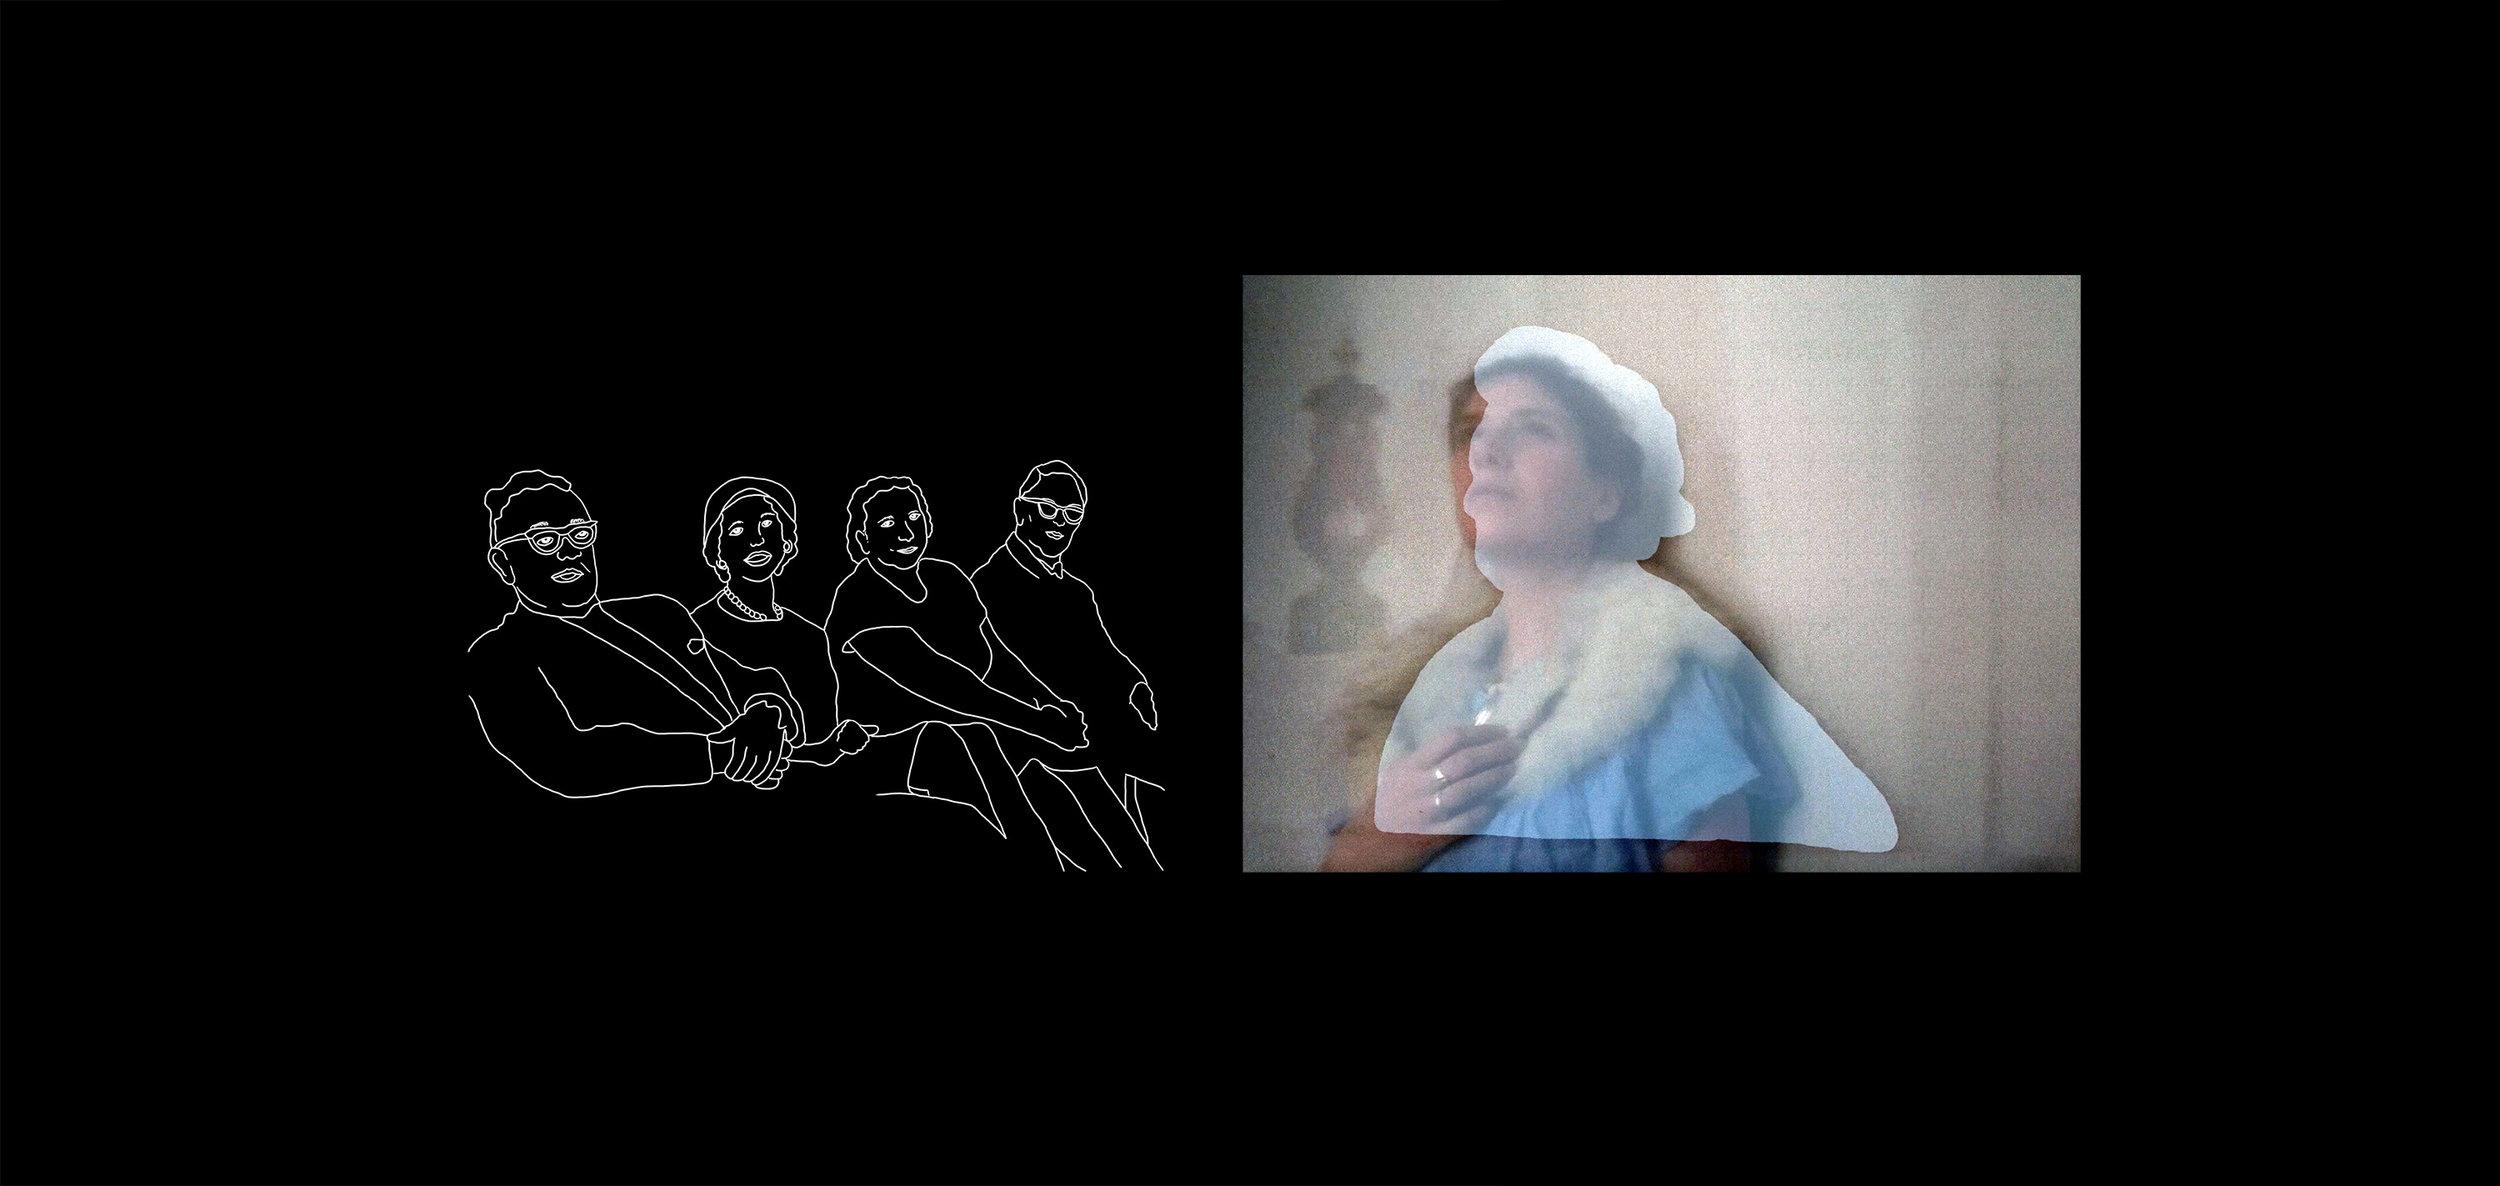 October 19 Octobre - November 10 Novembre 2017 Alisa Arsenault en résidence de recherche et de création àGalerie Sans Nom Financé par / Supported by the Sheila Hugh Mackay Foundation